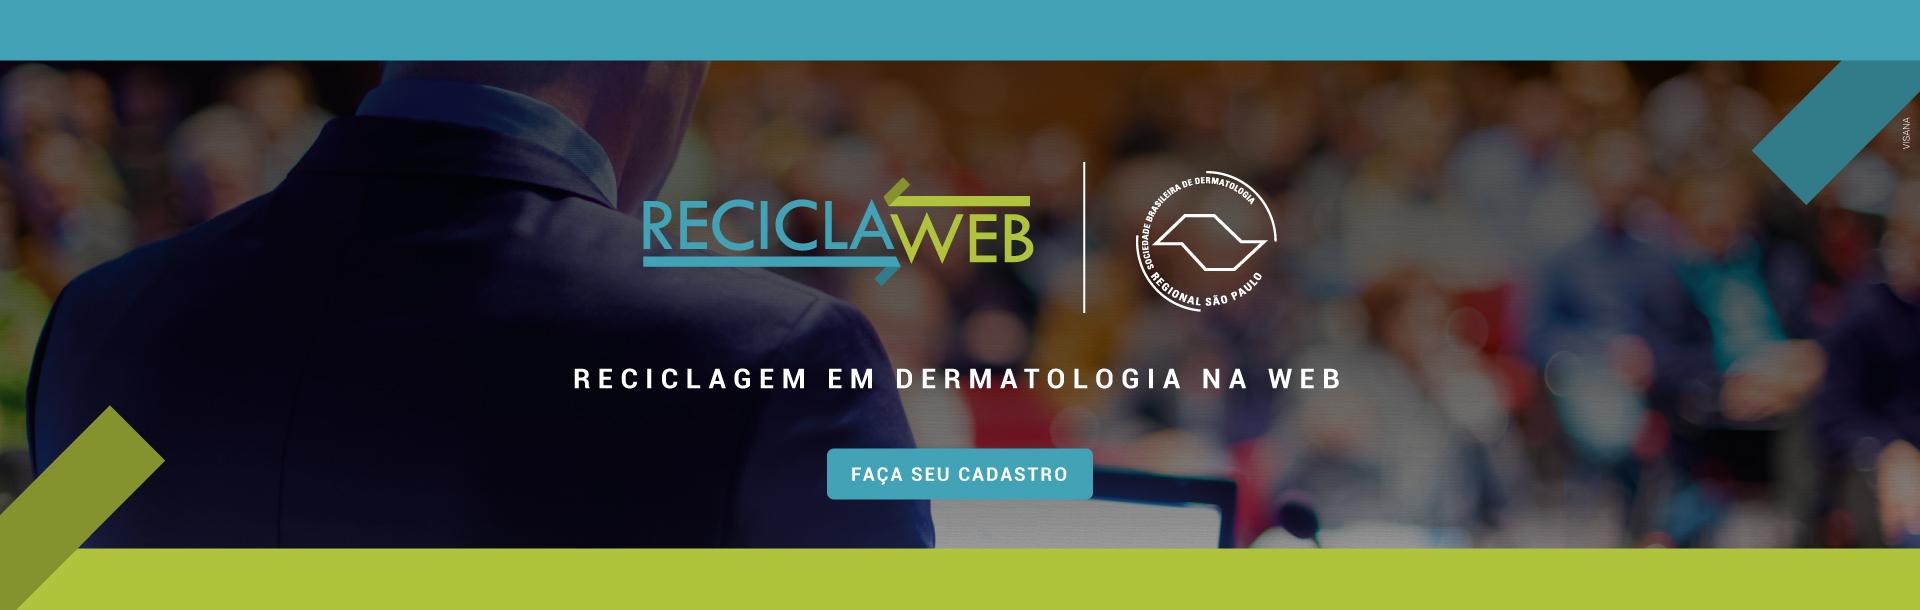 SBDRESP_Reciclaweb_Banner_facaseucadastro